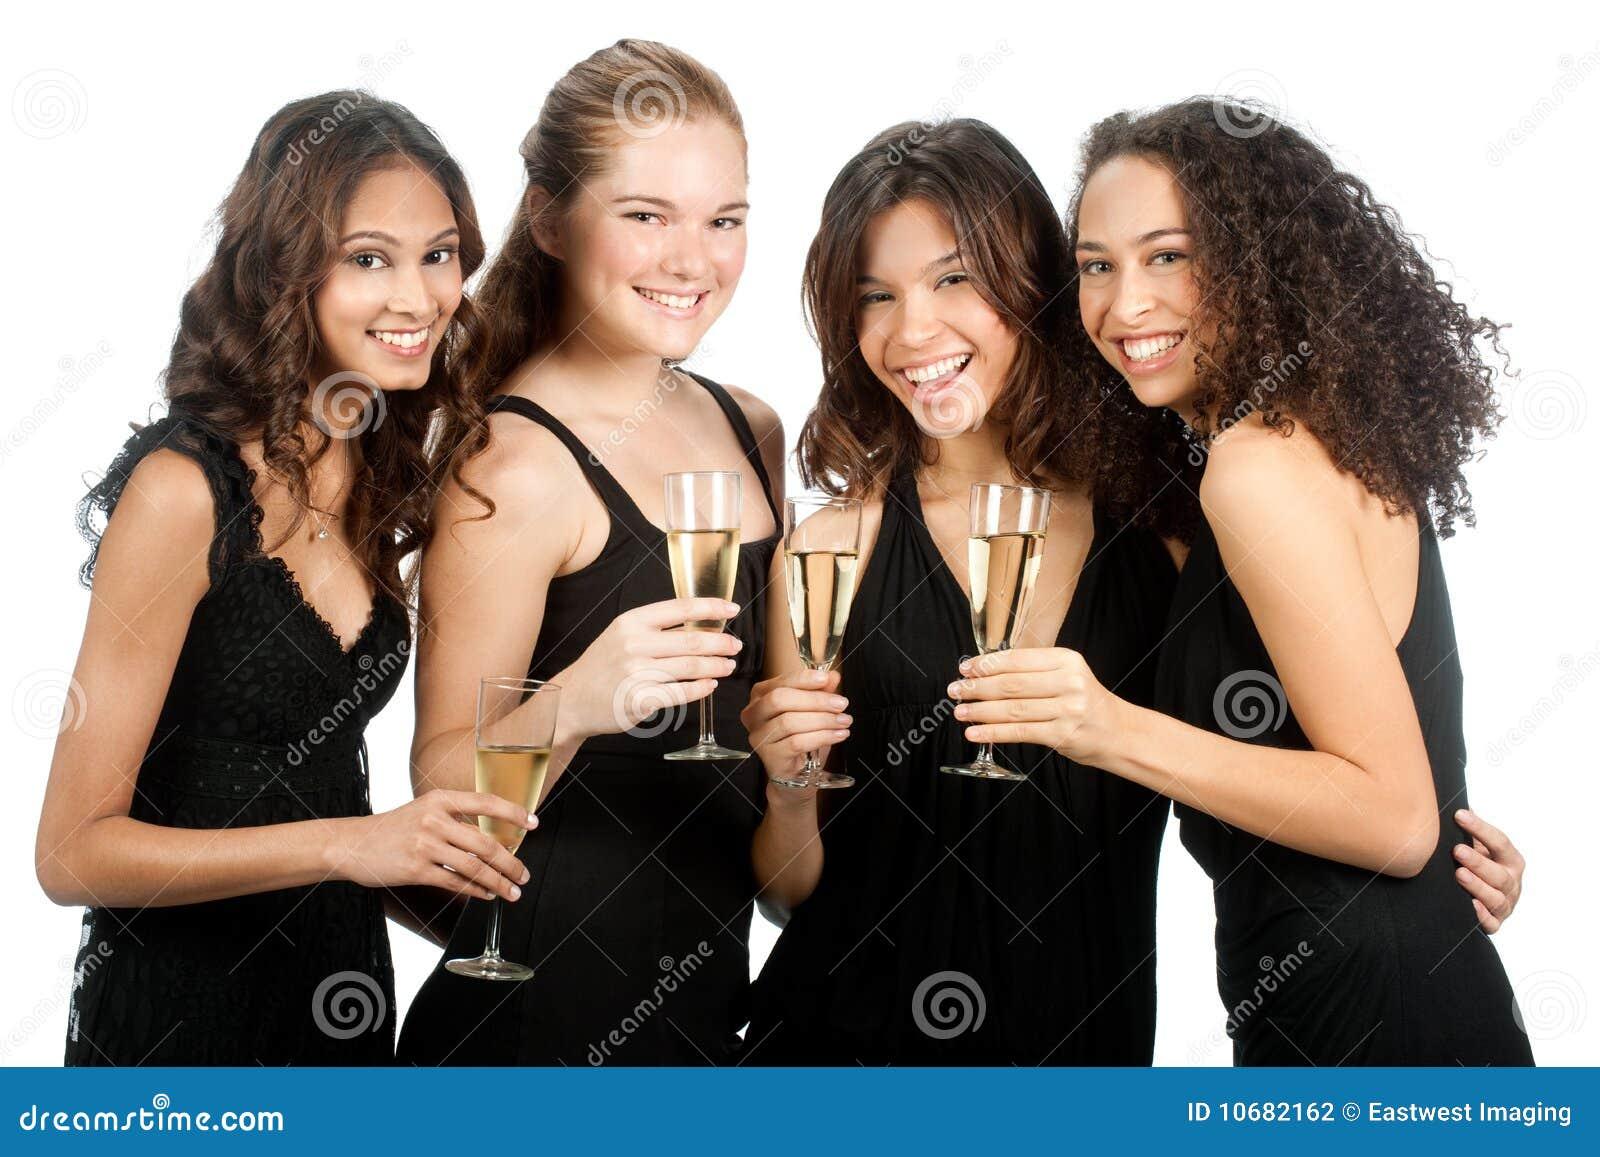 Διαφορετικοί έφηβοι με Wineglasses